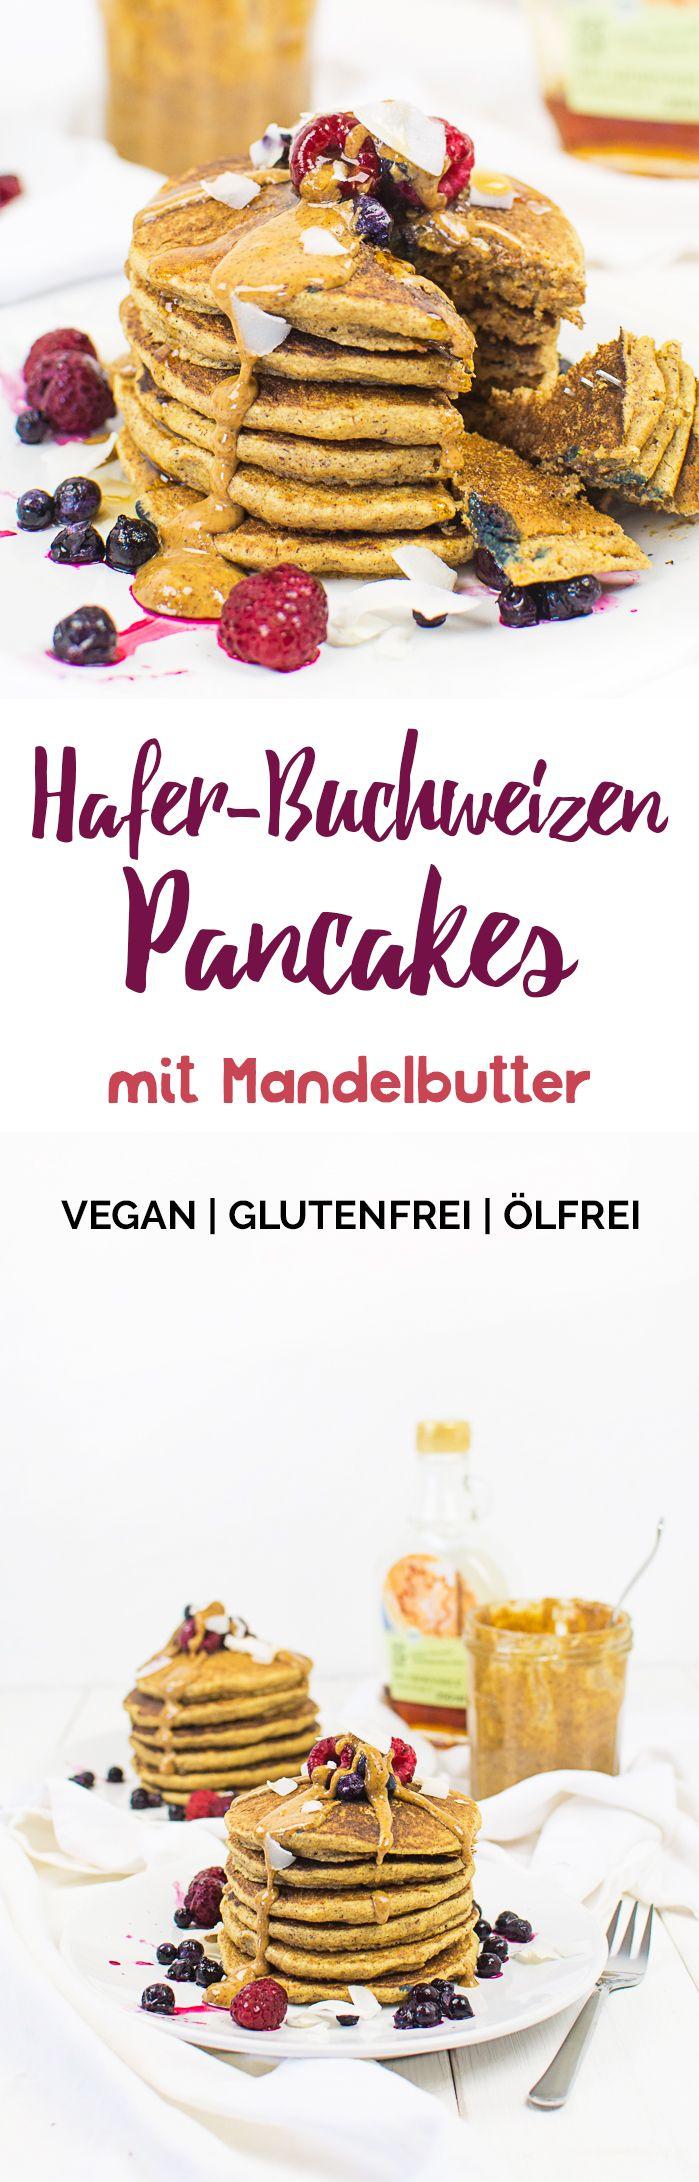 Hafer-Buchweizen-Pancakes mit Mandelbutter (vegan, glutenfrei, ölfrei) | Kaffee & Cupcakes